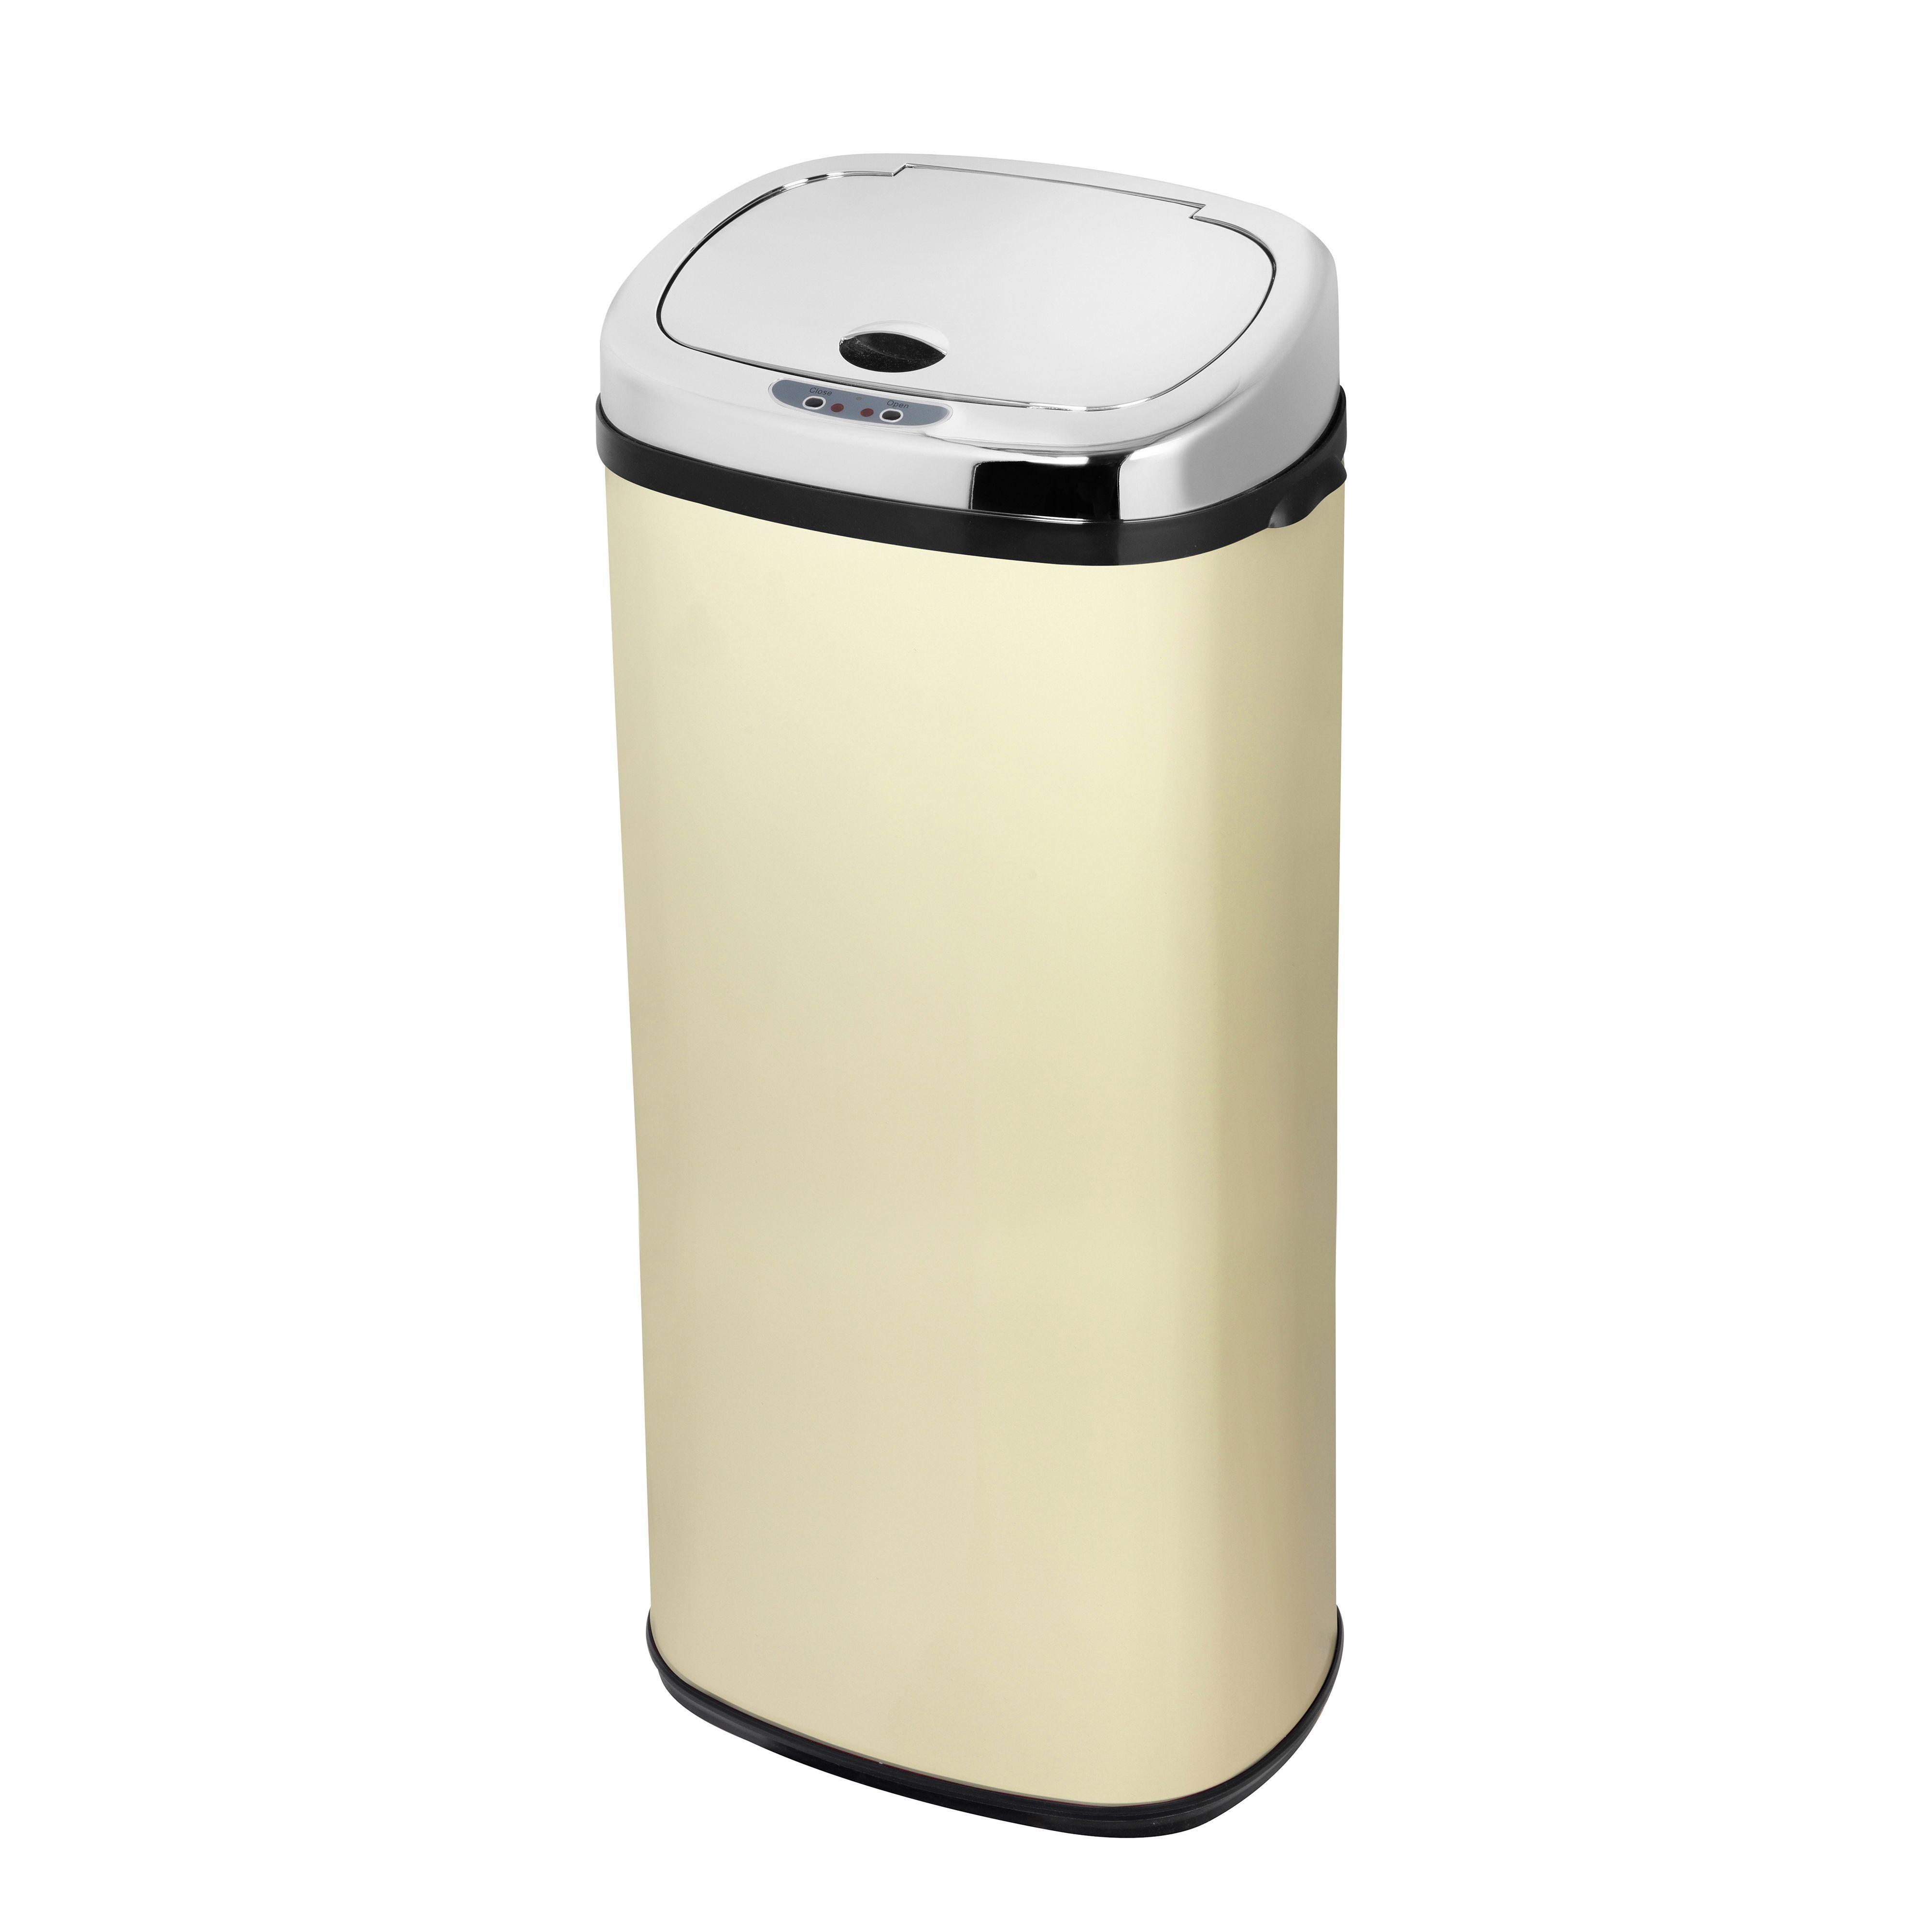 Morphy Richards Matt Cream Stainless Steel Square Sensor Bin, 50L ...